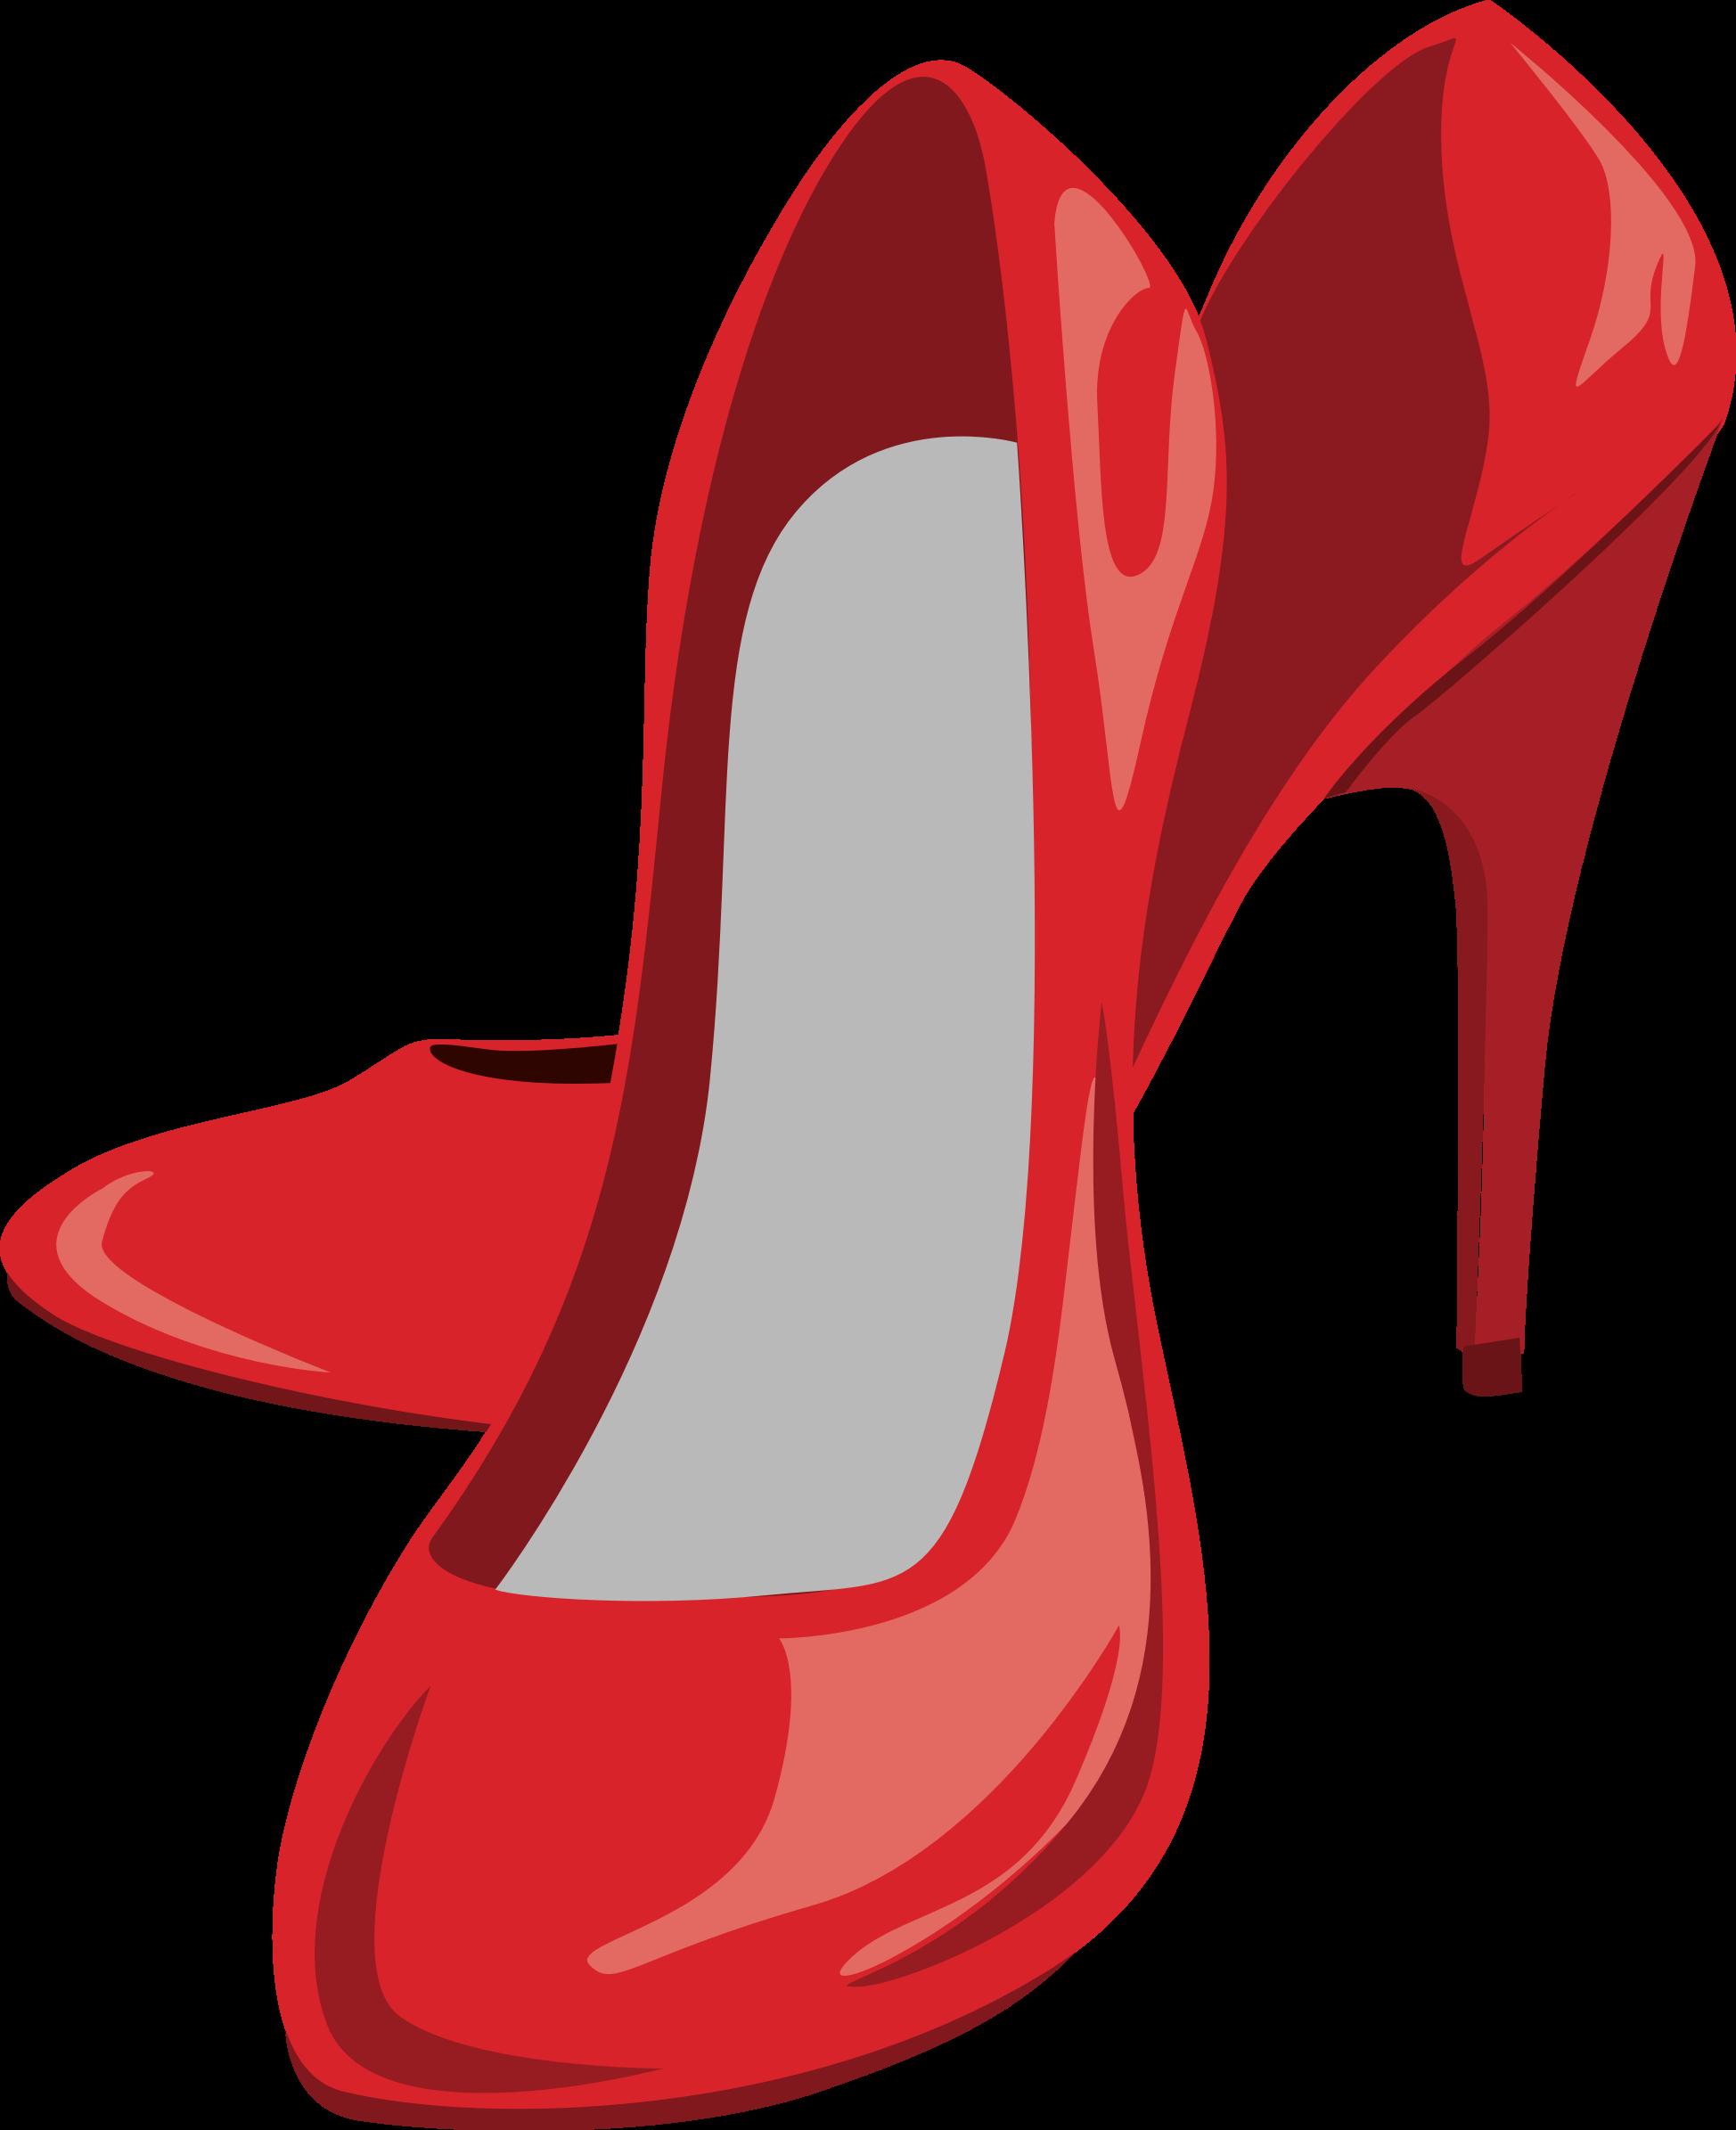 Heels clipart high heal. Heel shoes big image